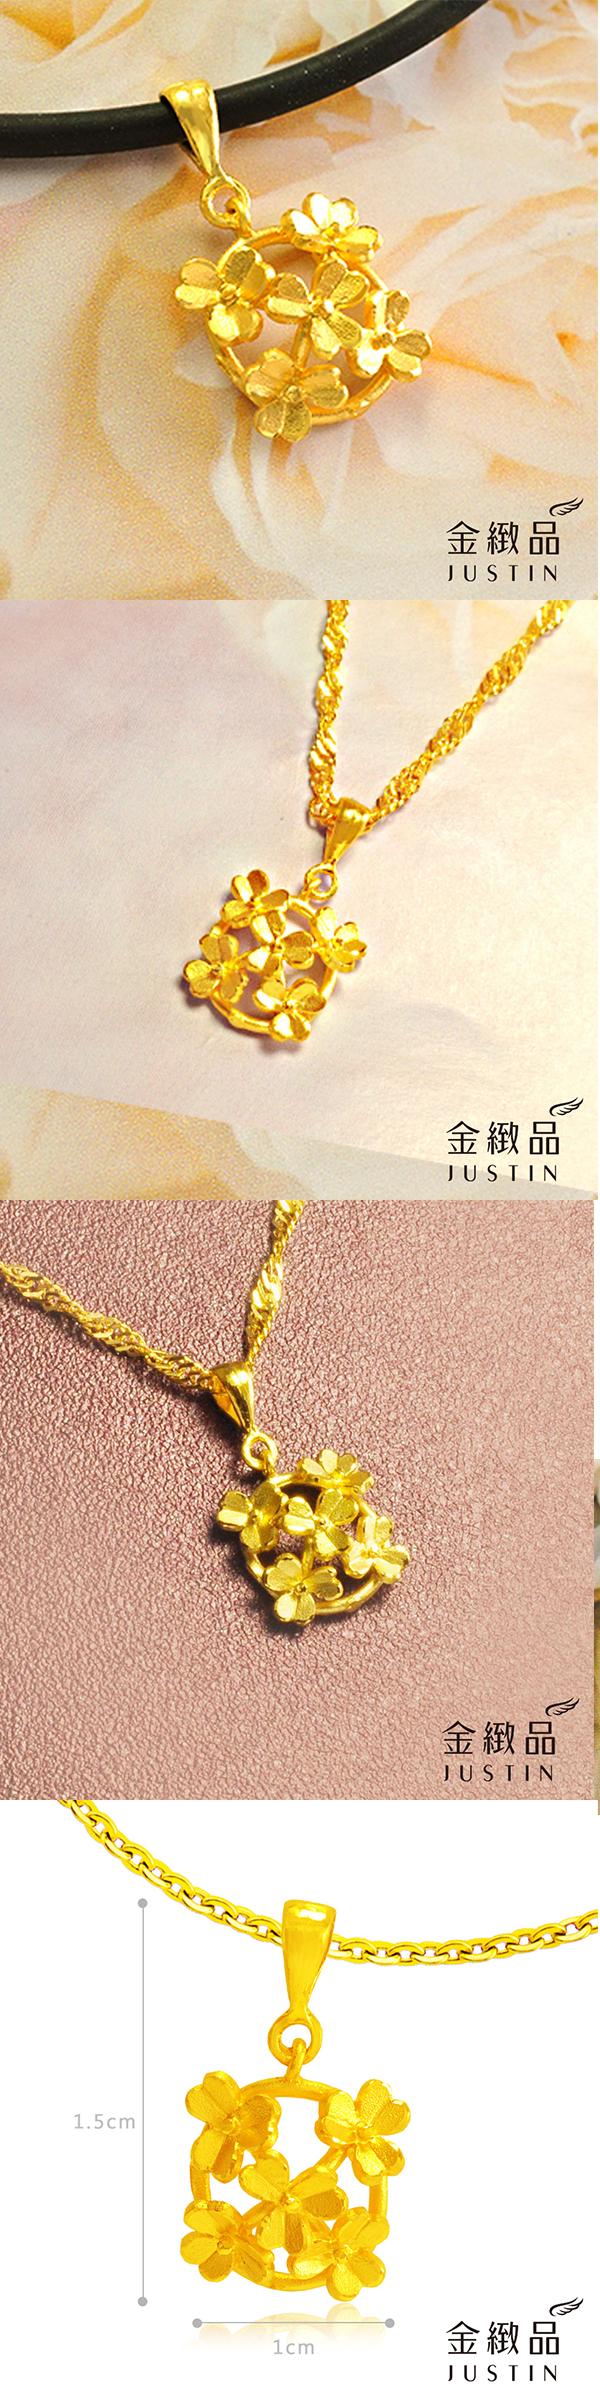 金緻品,金製品,黃金價格,金飾,金飾價格,黃金飾品,金飾店,純金,金飾品牌,黃金投資,黃金墜子,黃金墜飾,金墜子,小巧花束